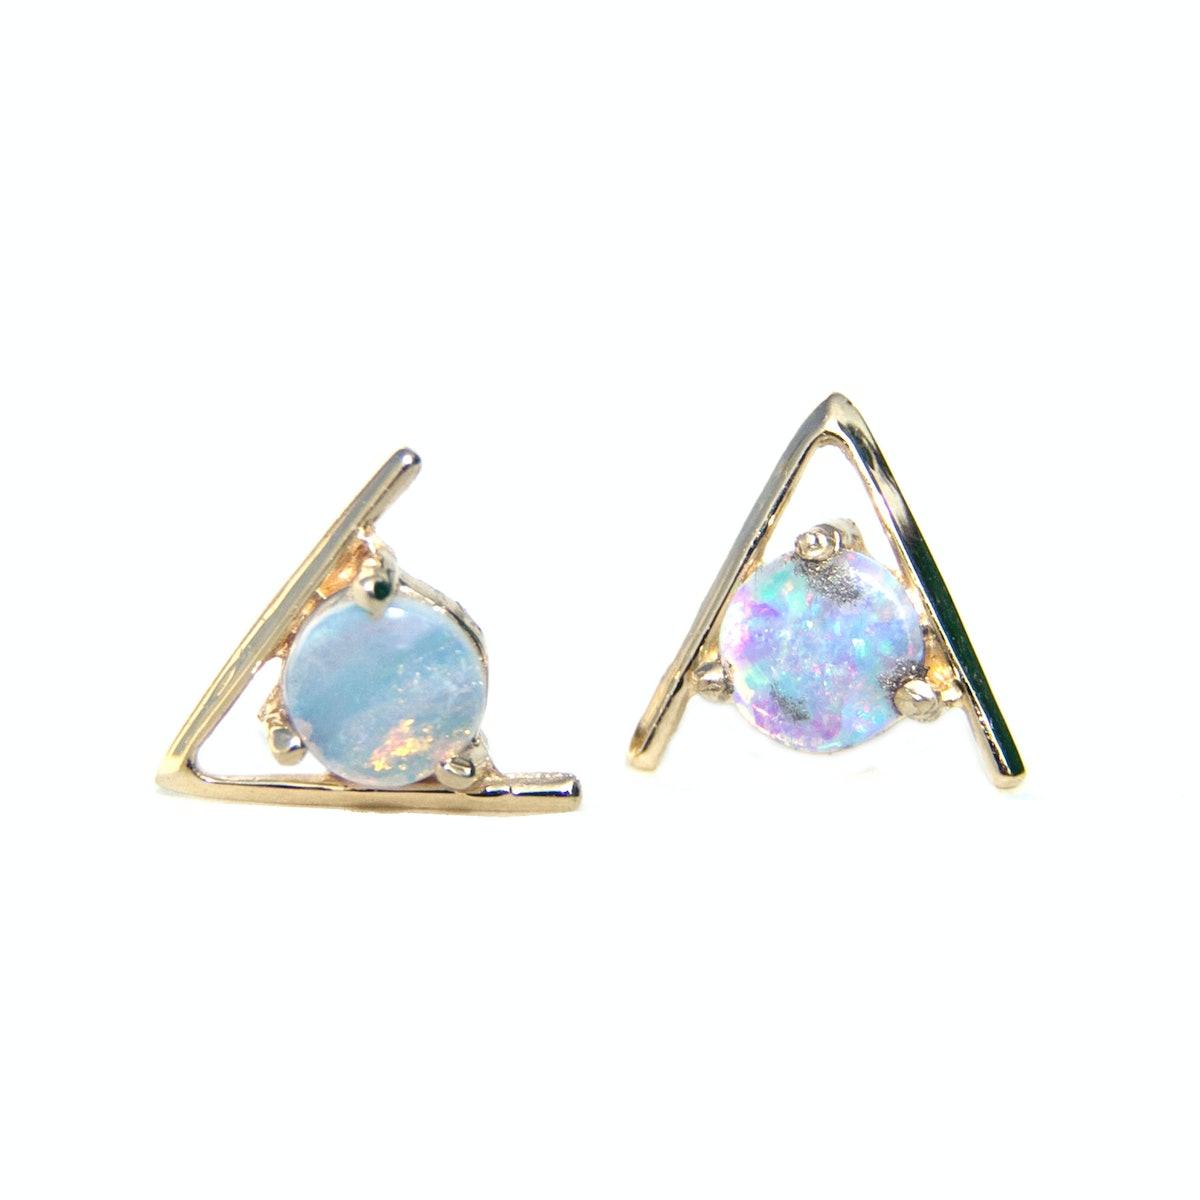 WWAKE opal earrings